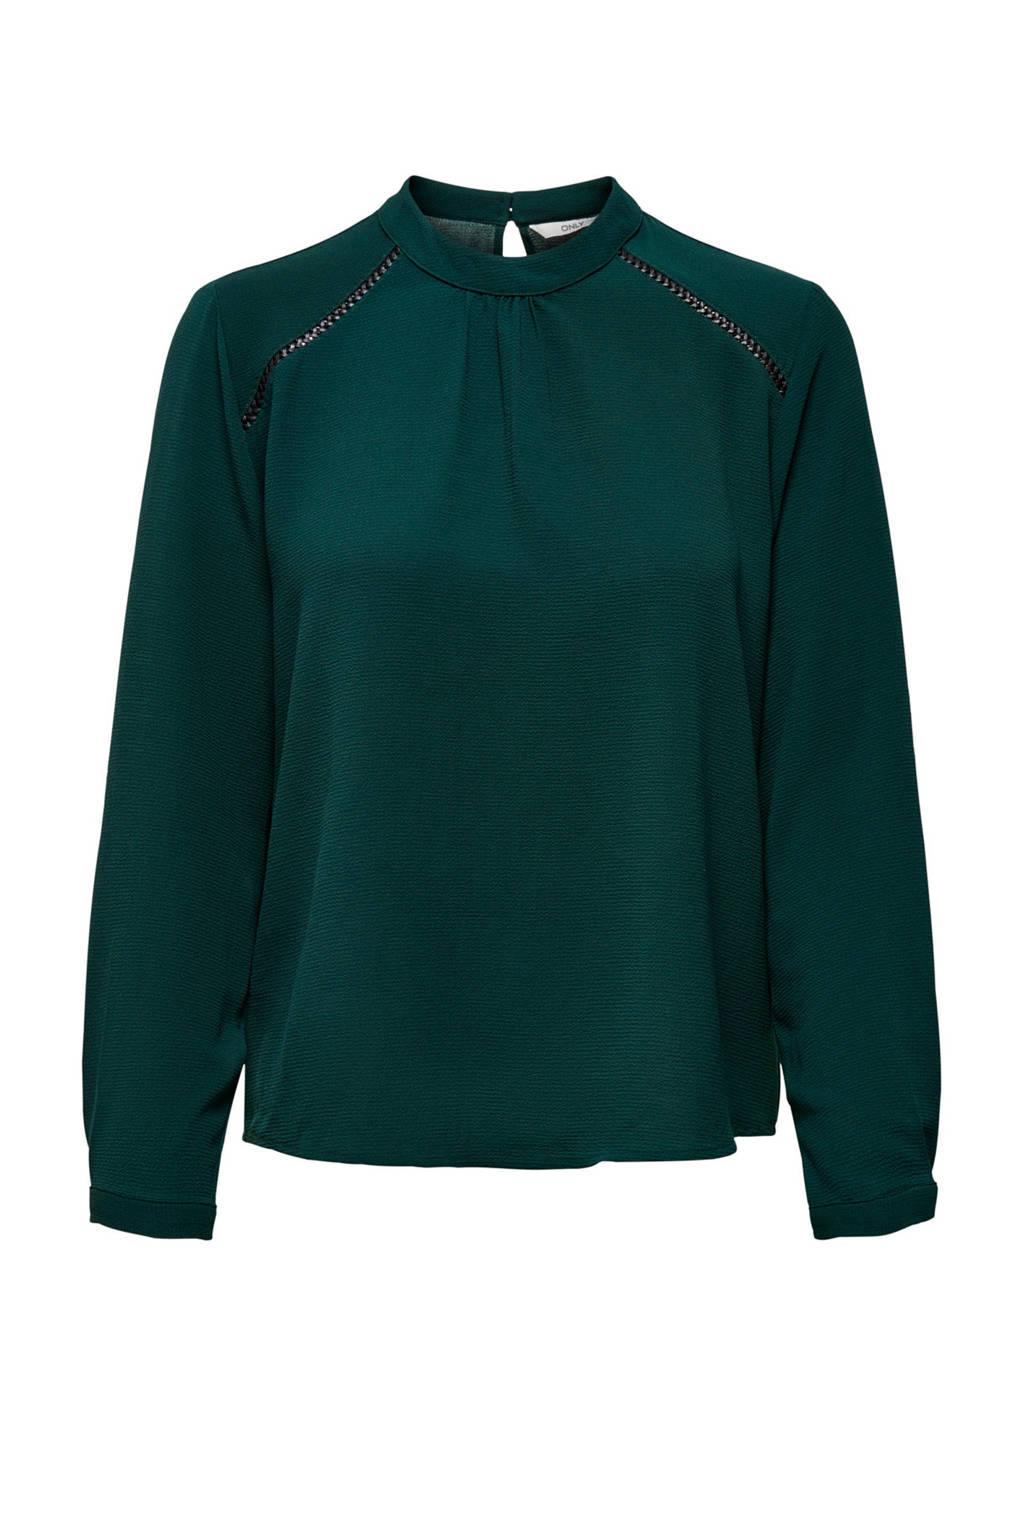 ONLY top New met open detail groen, Groen